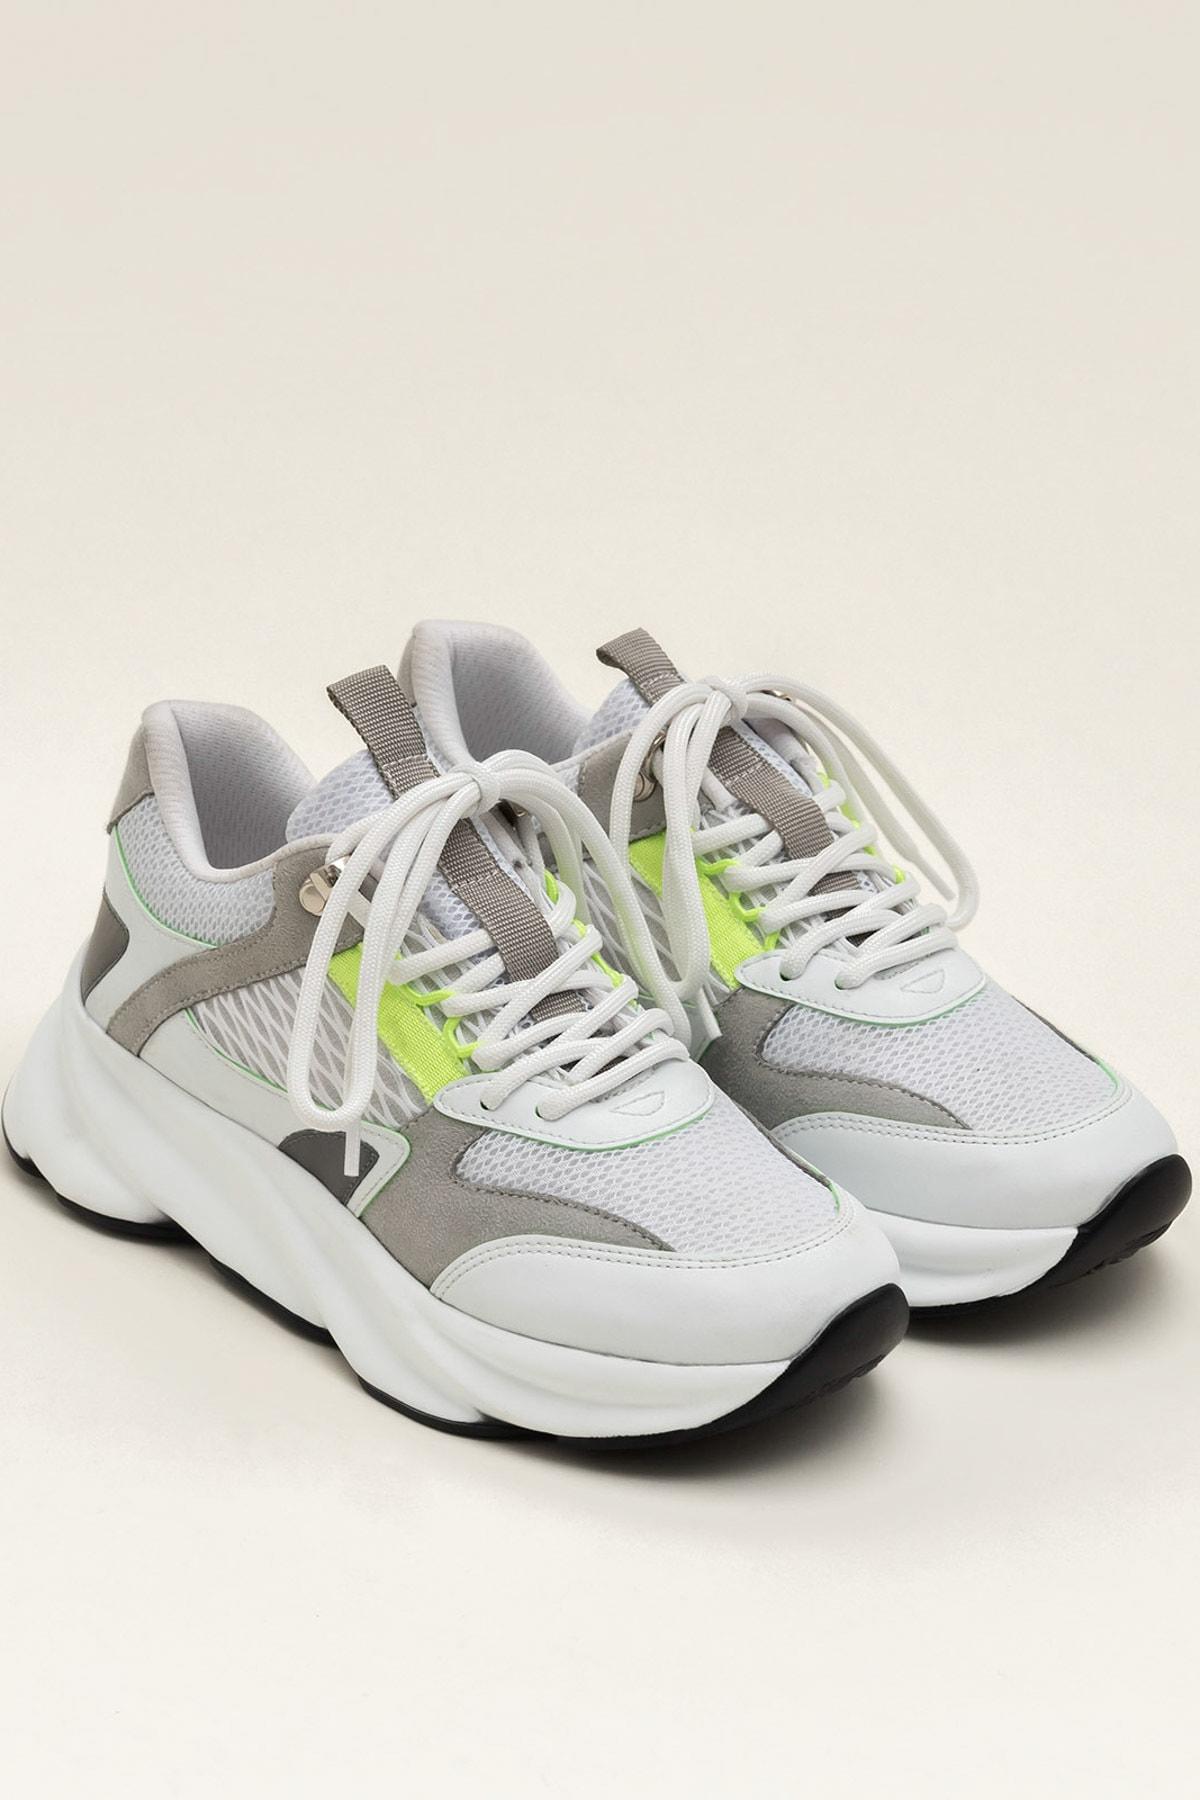 Elle Shoes ANJELA Yeşil Neon Kadın  Sneaker 20YKN5205 2